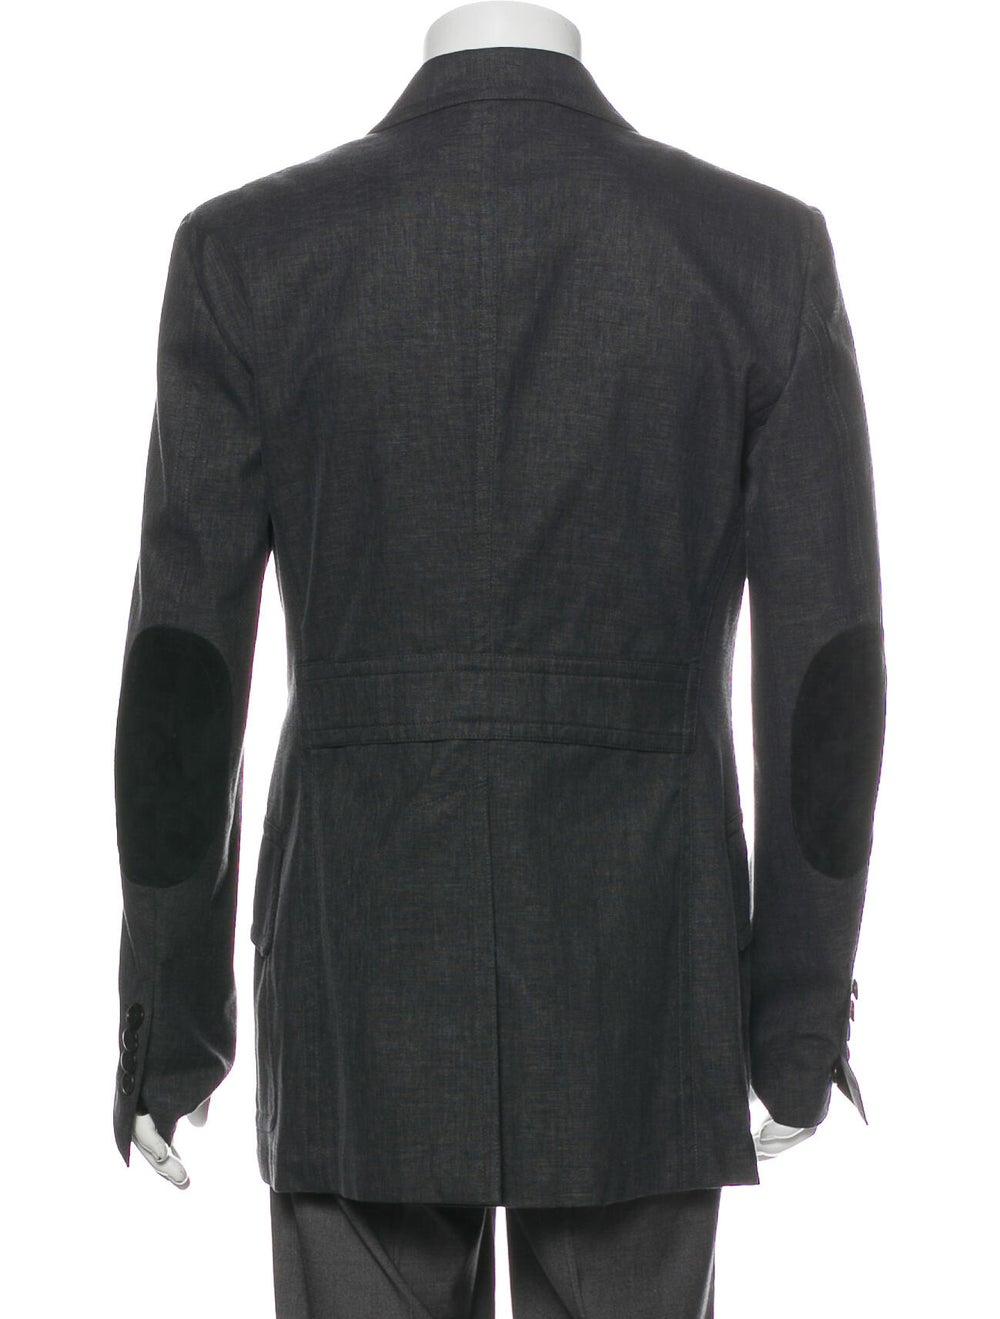 Tom Ford Linen Jacket Grey - image 3